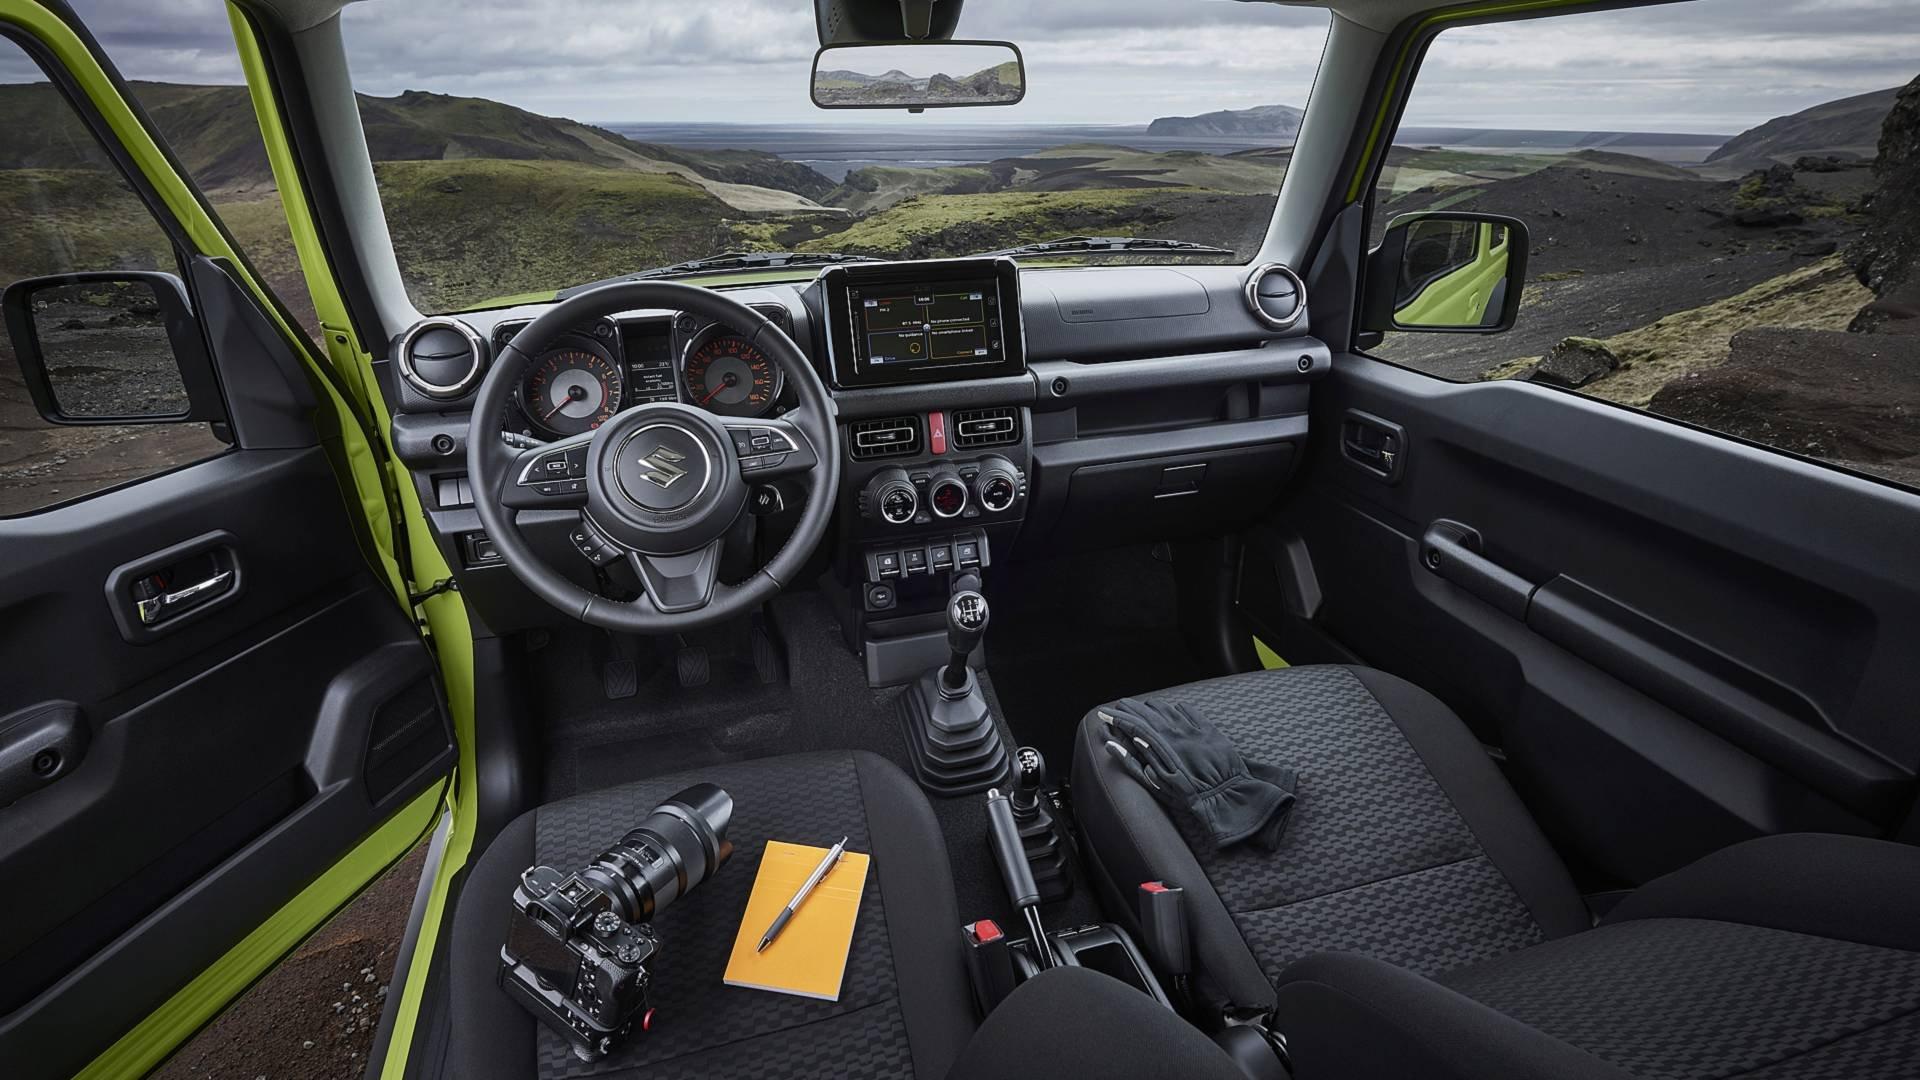 Чери привезет в Российскую Федерацию кроссовер Tiggo 4 стурбомотором и«роботом»